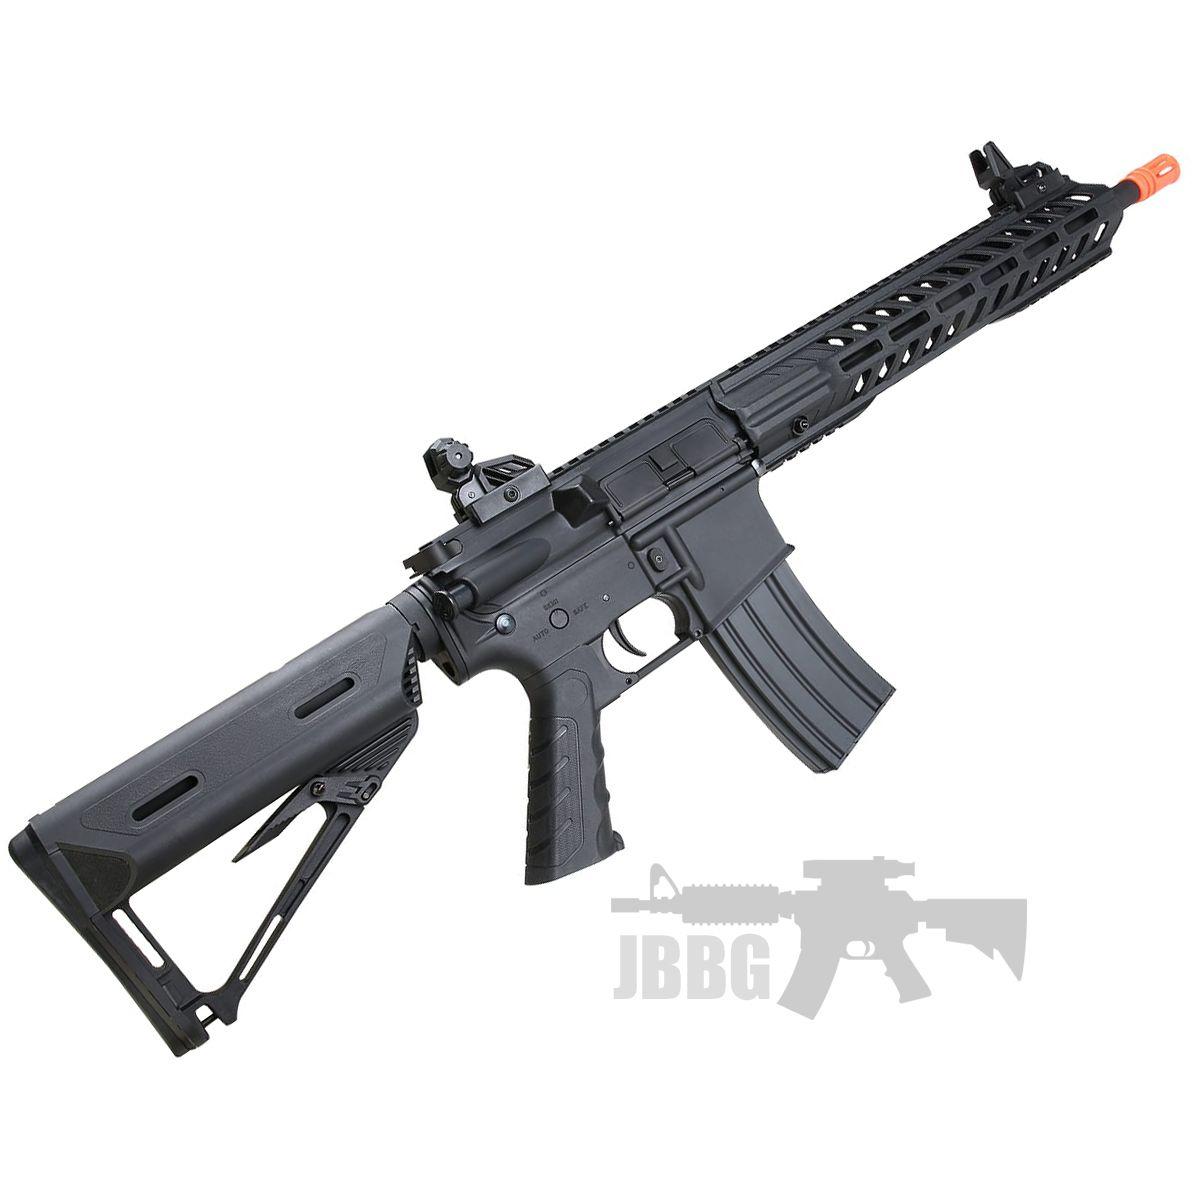 Bulldog Airsoft Diamondback ST QD AEG Airsoft Gun